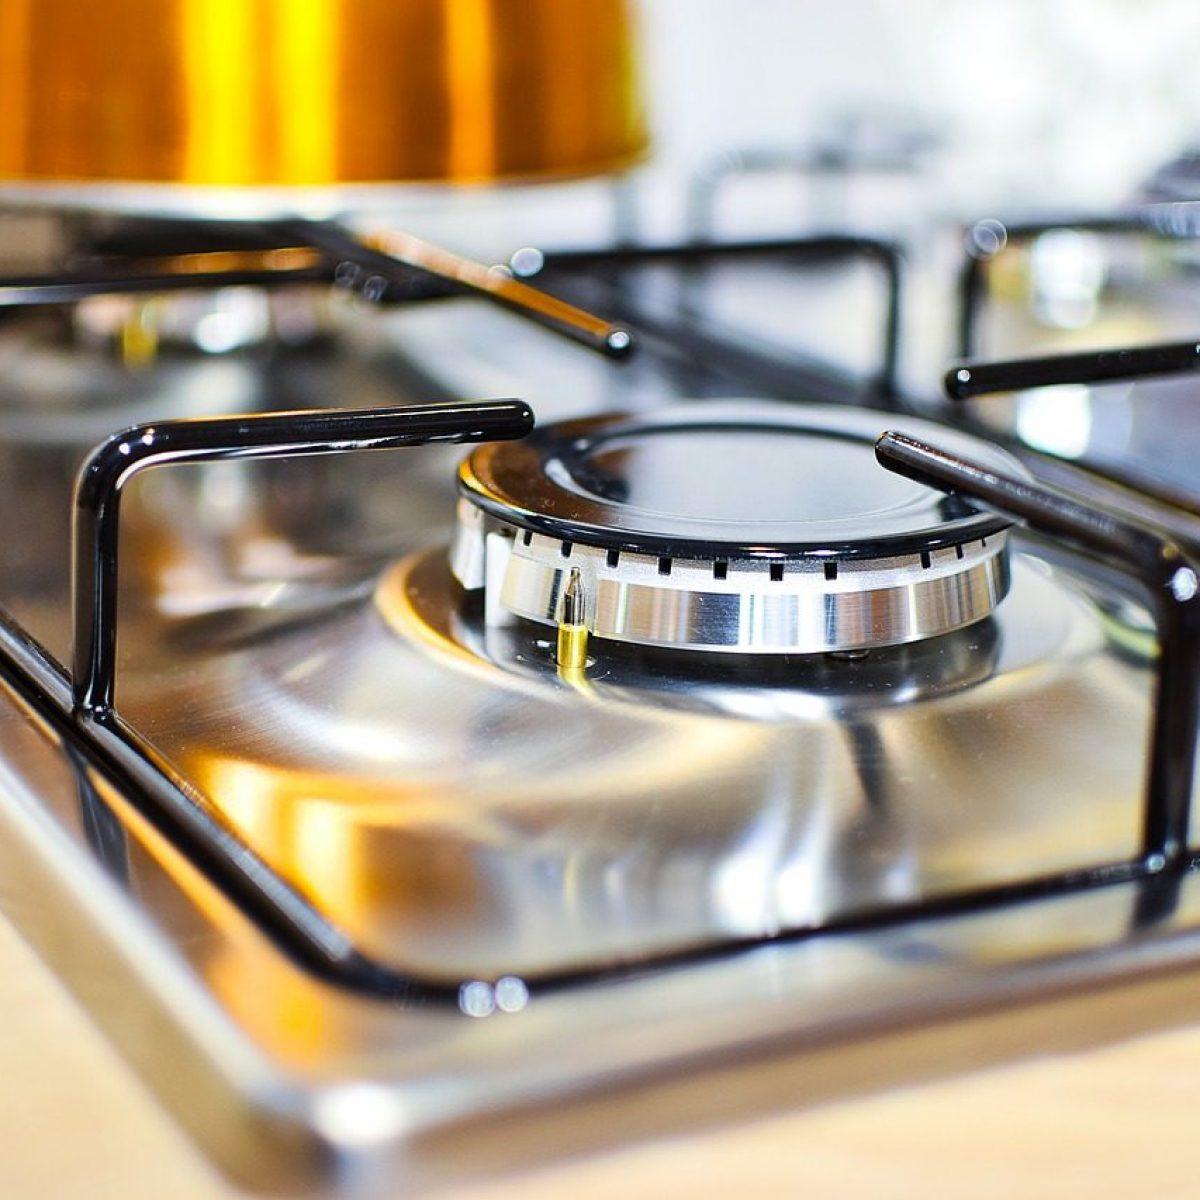 Come Pulire Il Piano Cottura come pulire il piano cottura: i rimedi efficaci anche per